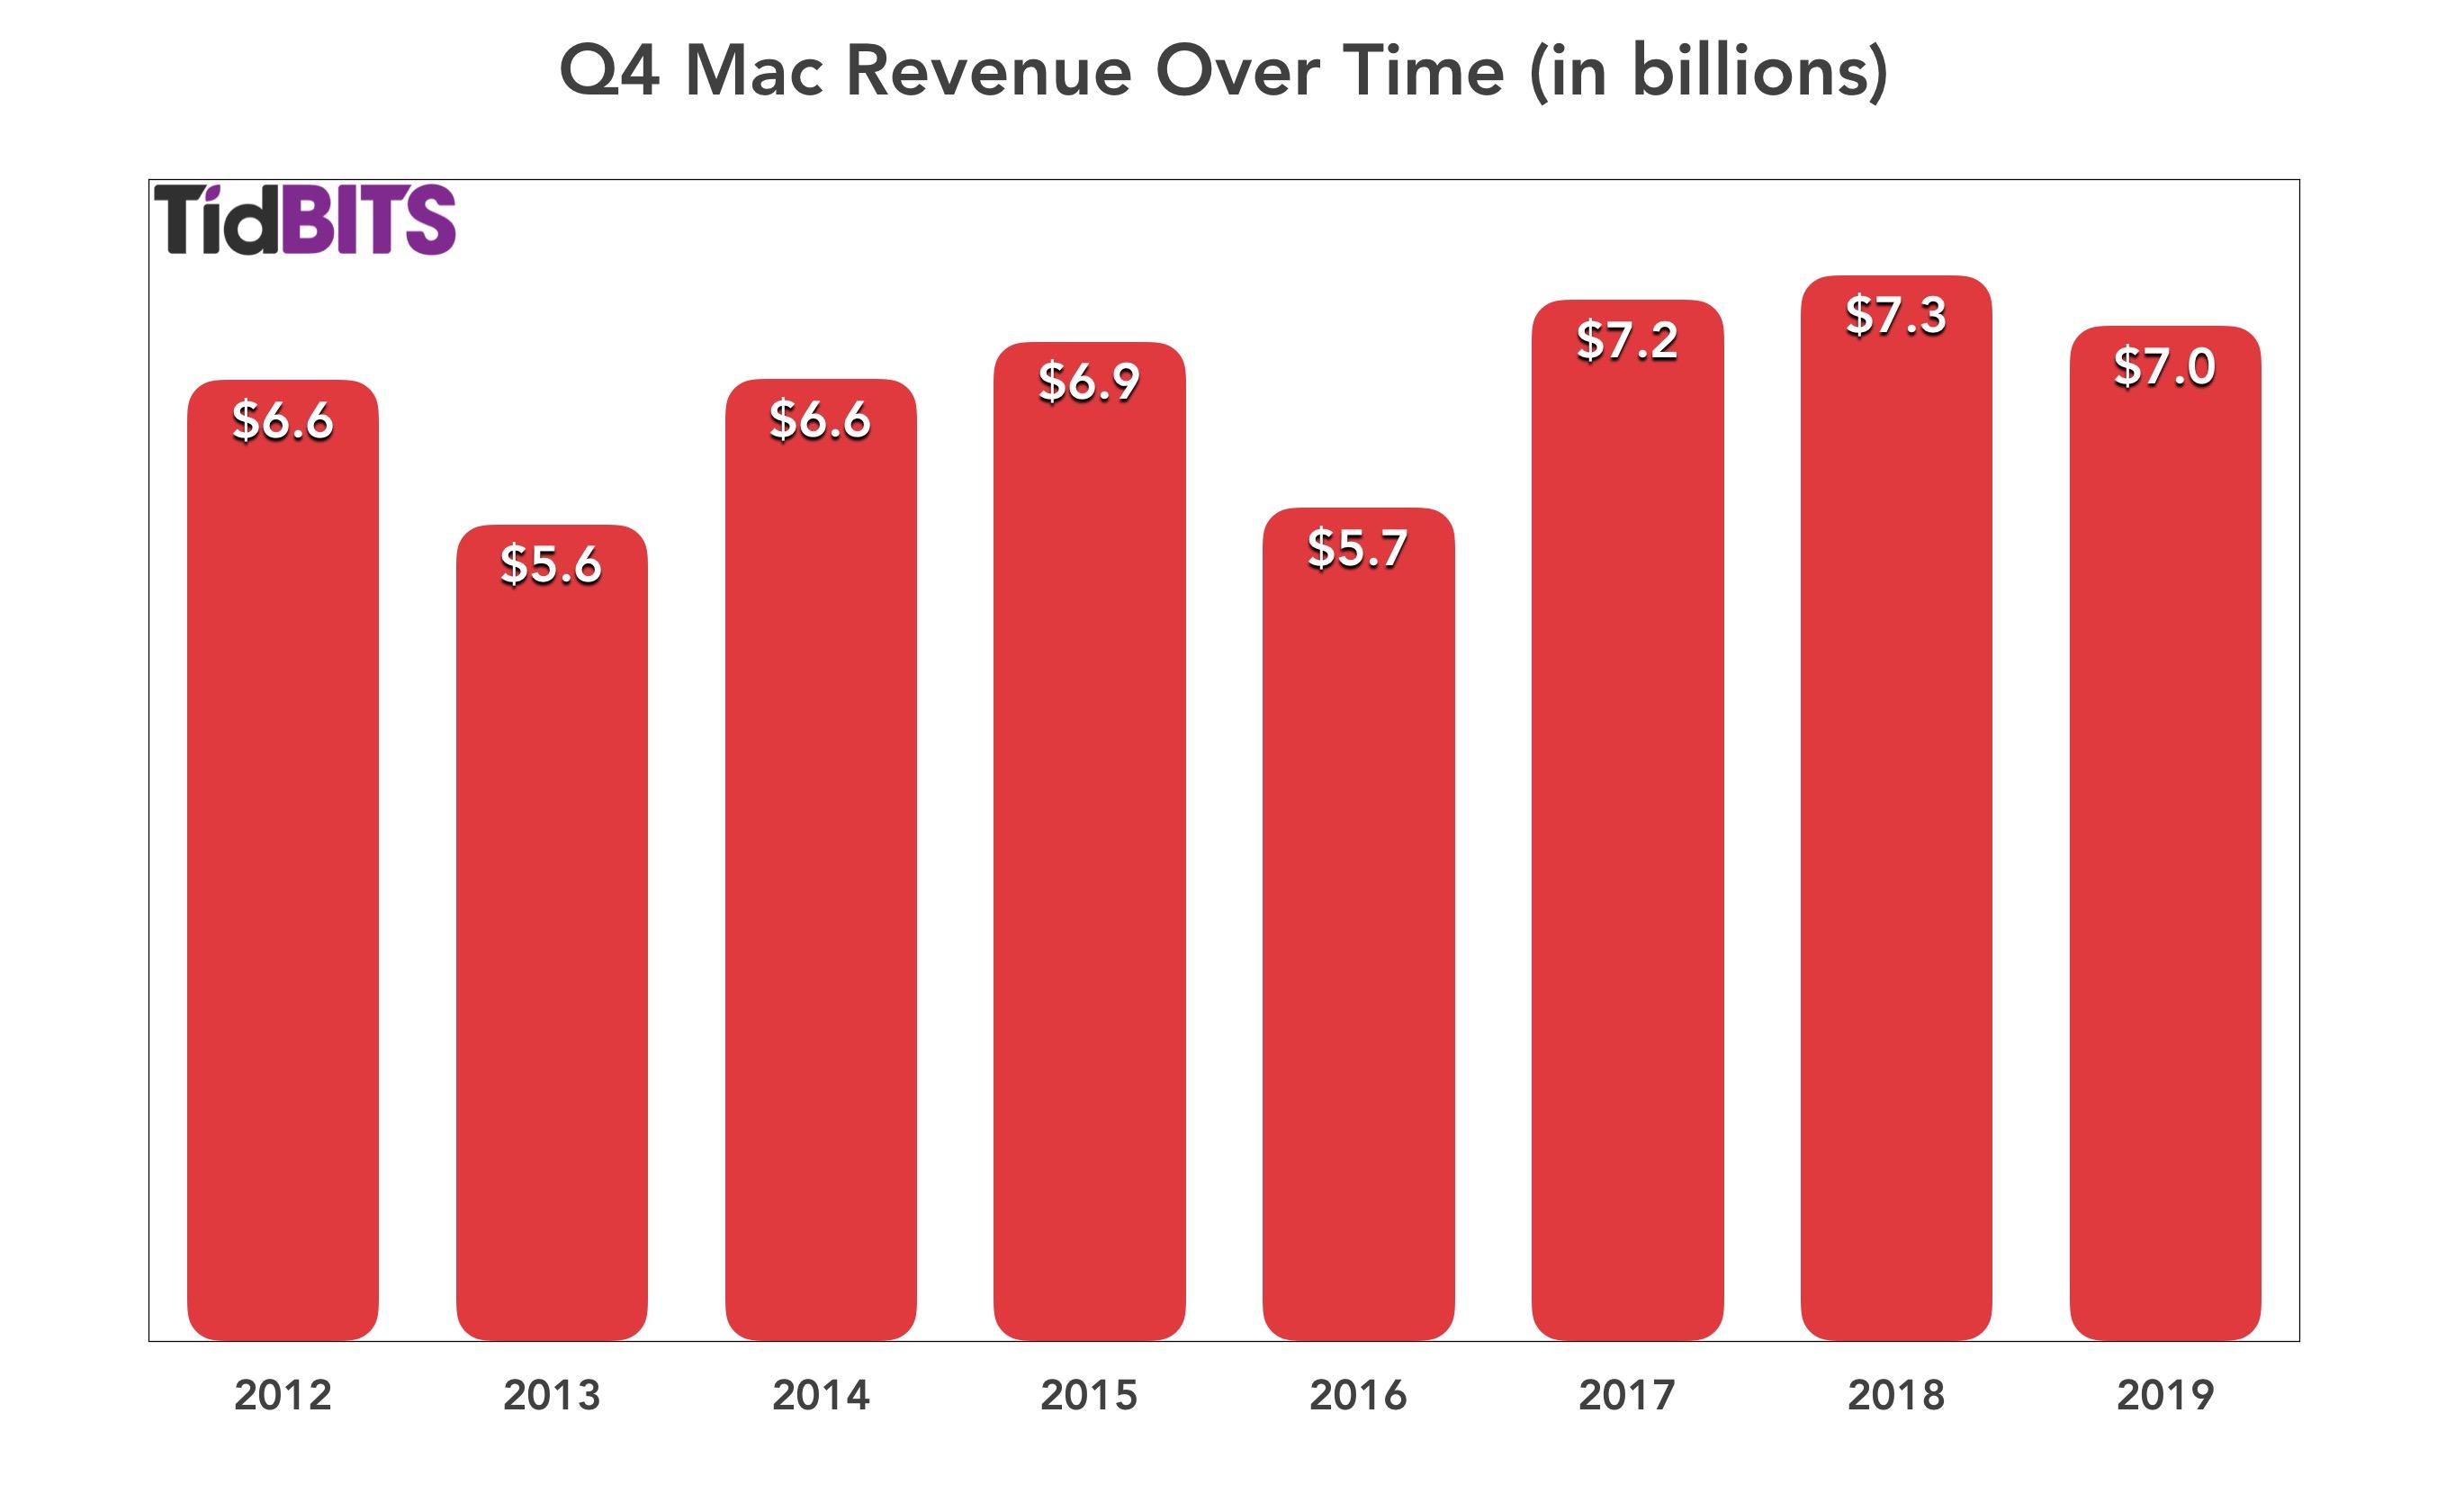 Q4 Mac revenue